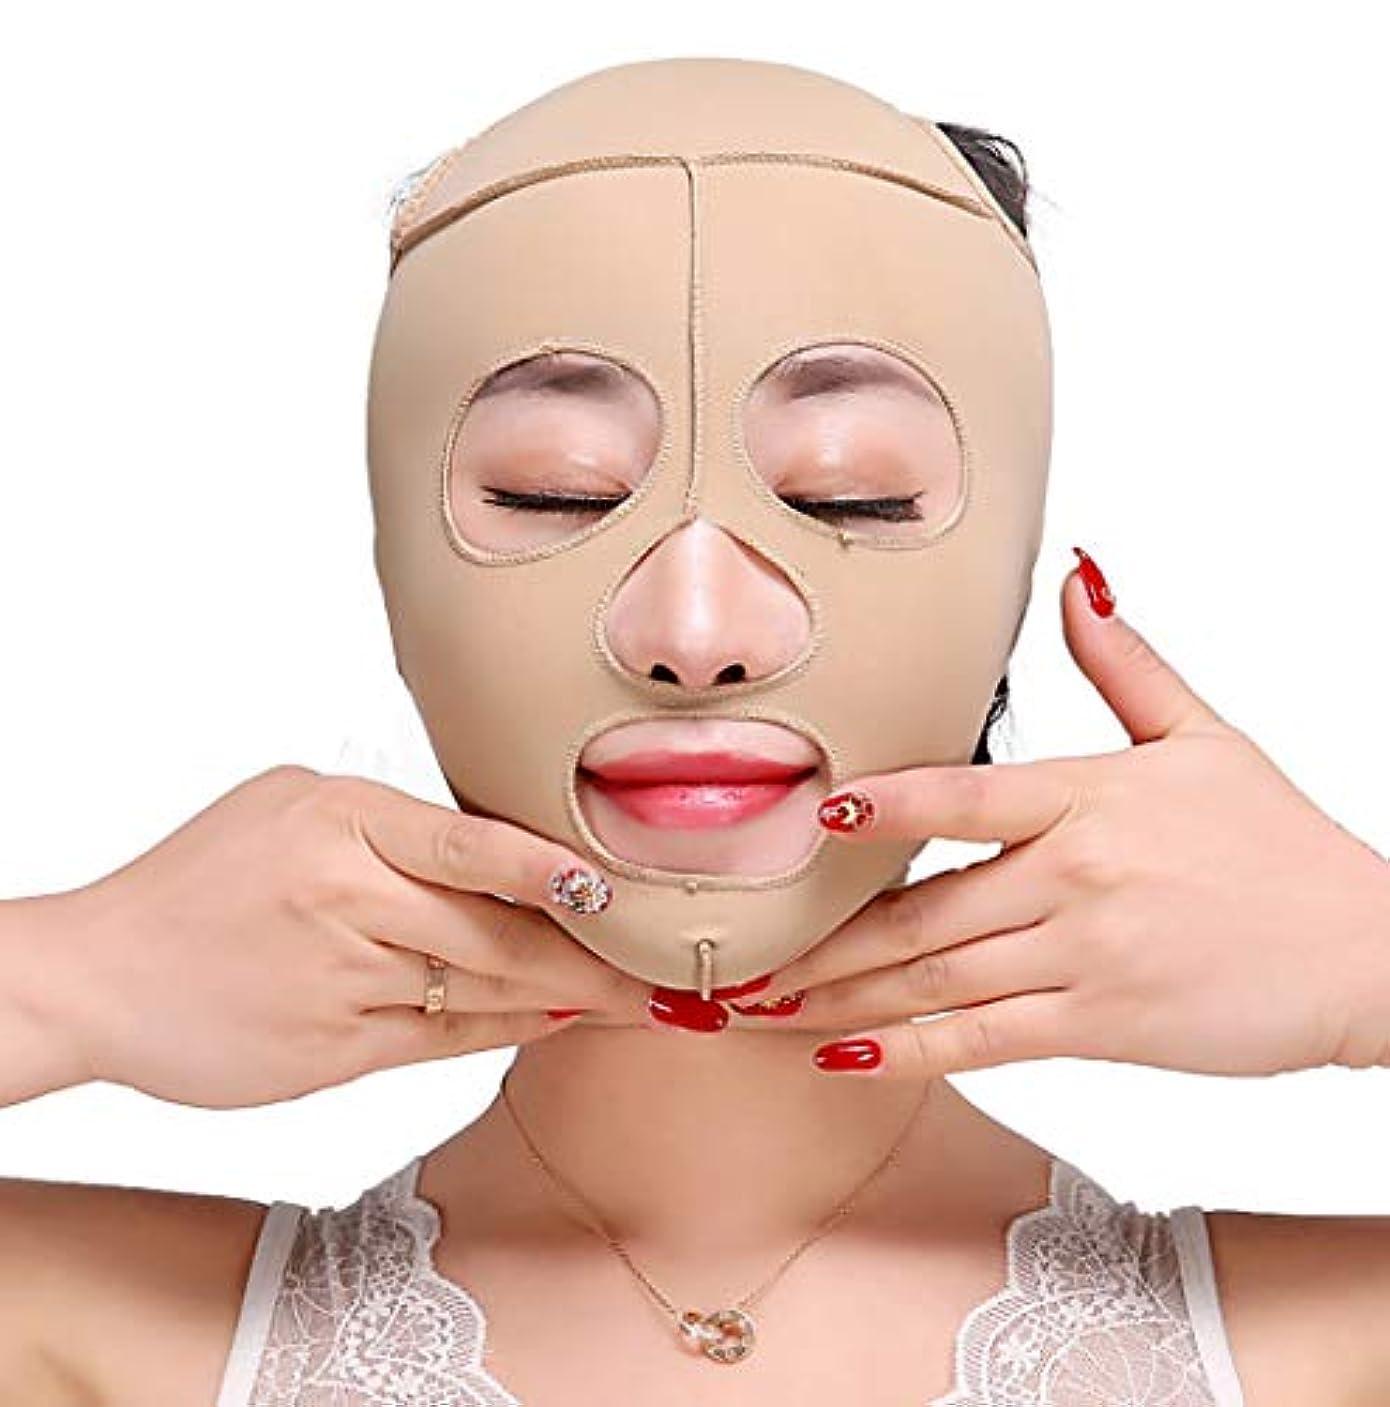 ガイダンス告発者シルエットTLMY 痩身ベルト痩身ベルト薄い顔の包帯小V顔の顔の薄い顔のマスク包帯の強化引き締めV顔美容マスク小さな顔の包帯の頭飾り修正顔の形 顔用整形マスク (Size : M)